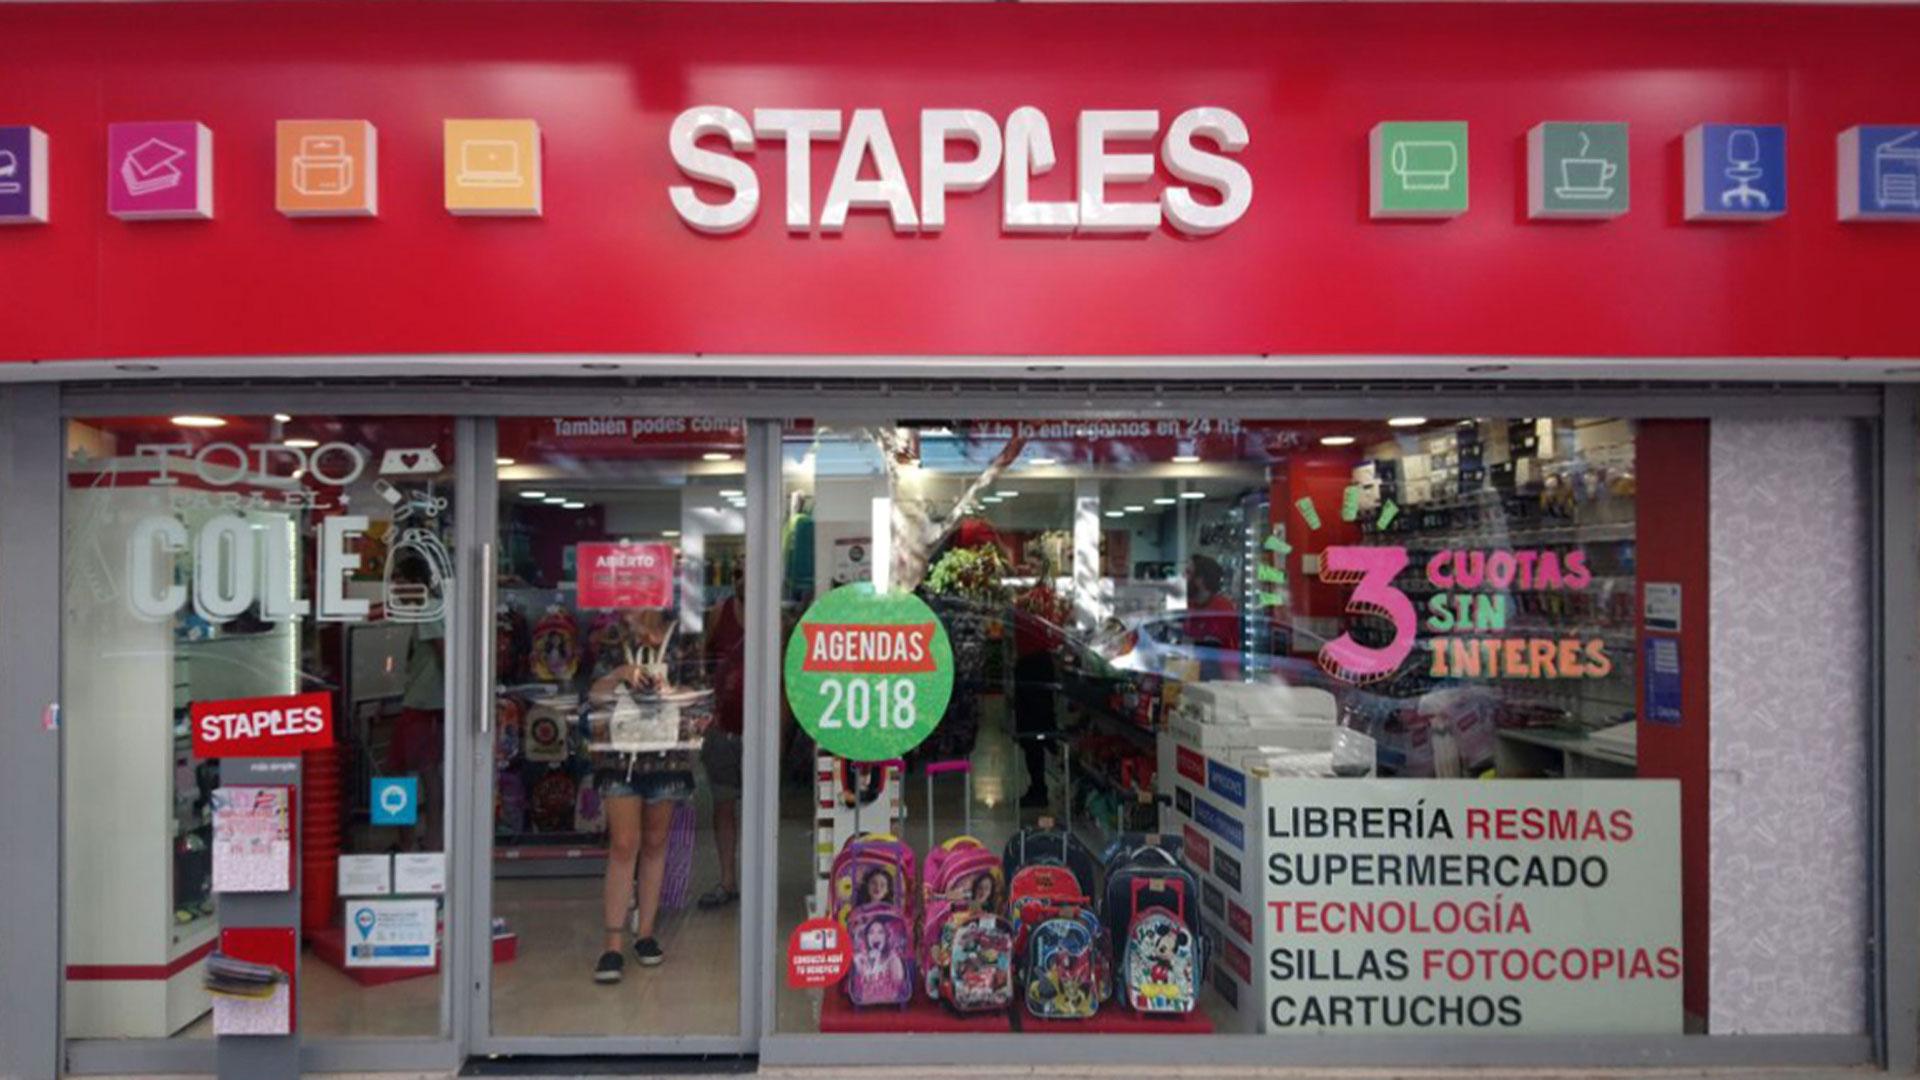 Staples tiene 18 locales en todo el país.